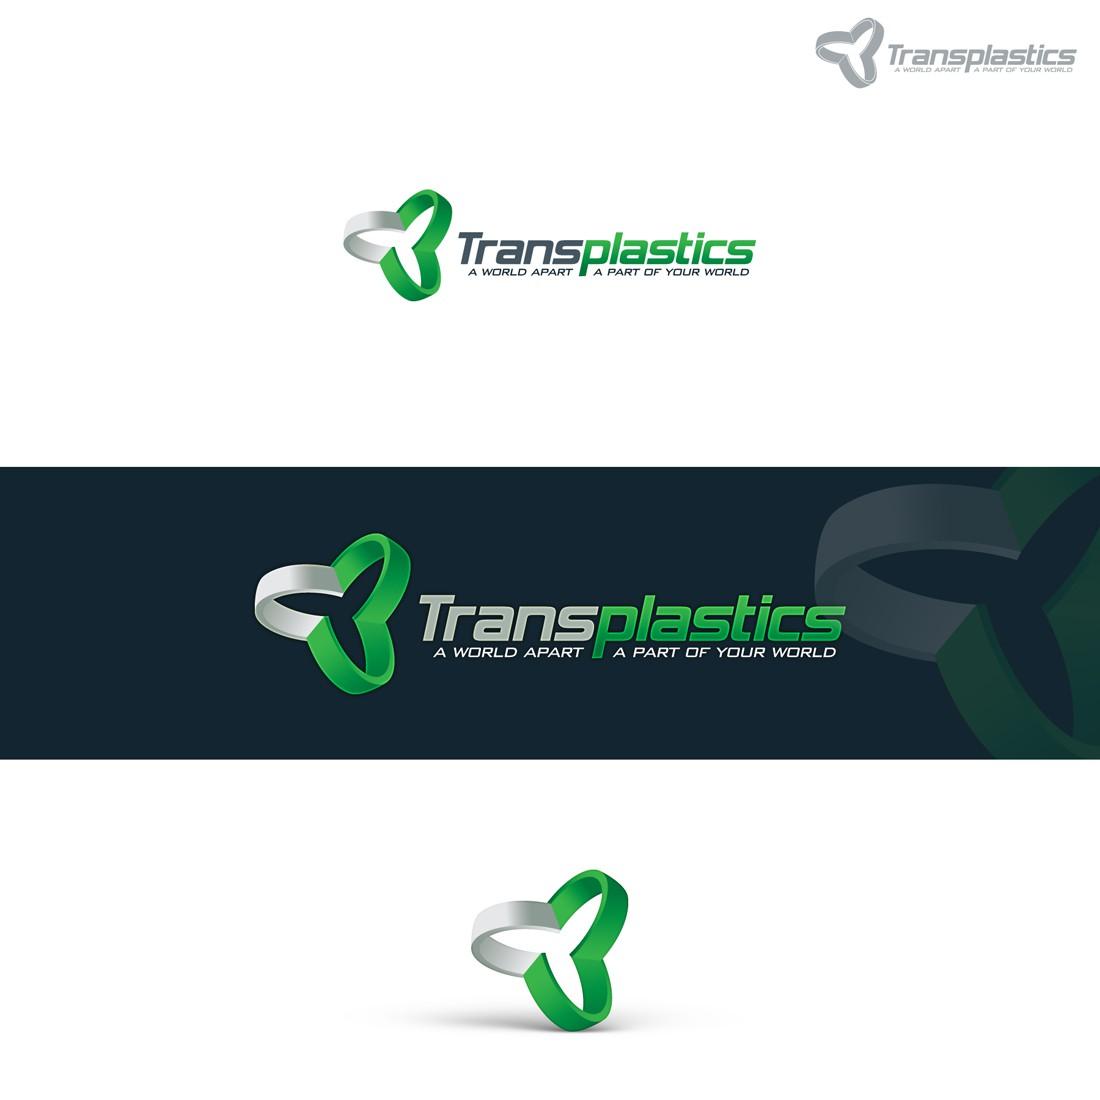 Help Transplastics  update their logo